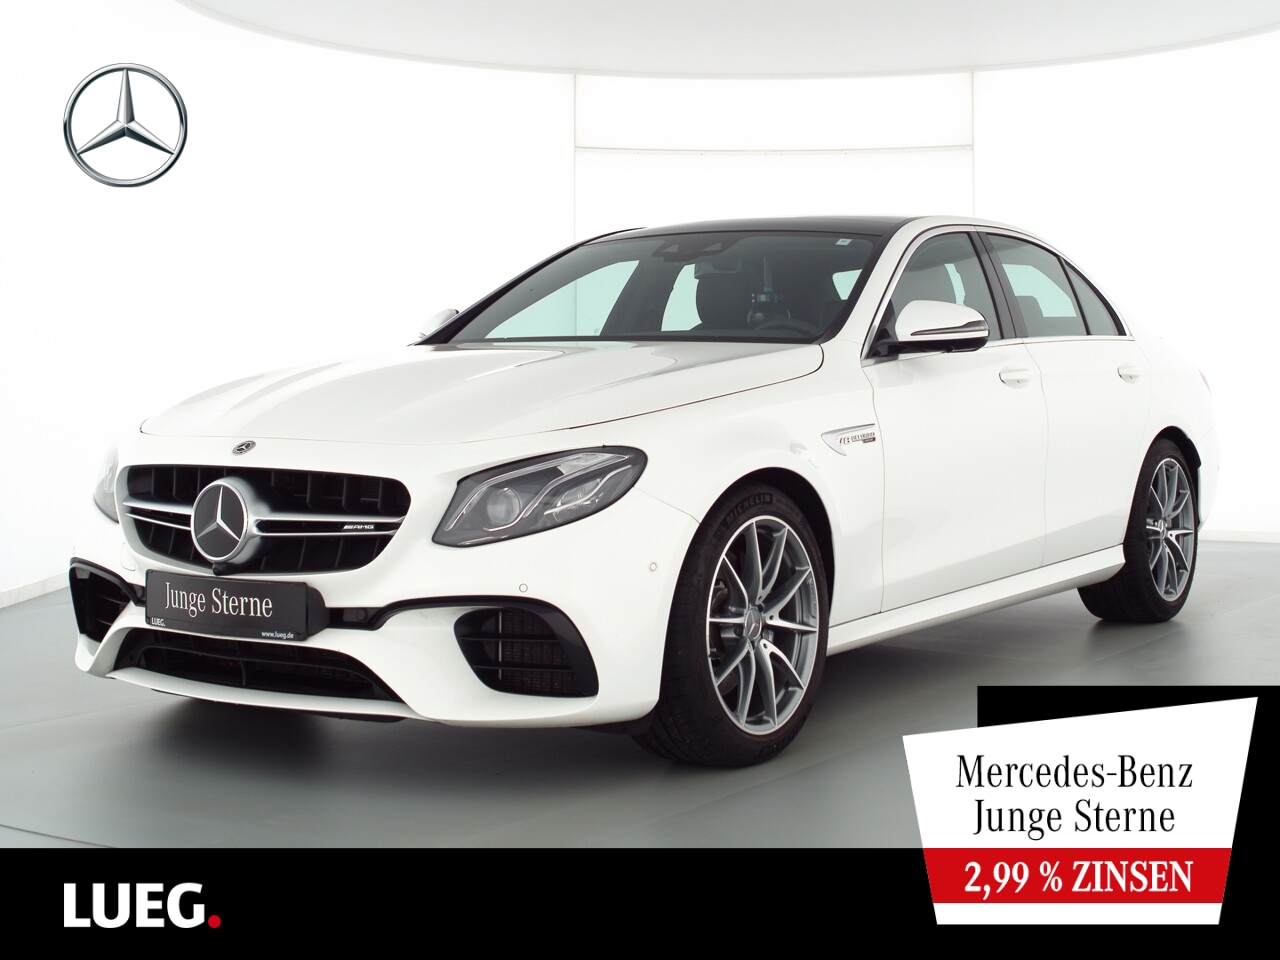 Mercedes-Benz E 63 AMG 4M+ COM+Pano+Mbeam+DistrP+Wide+RIDE+360, Jahr 2020, Benzin